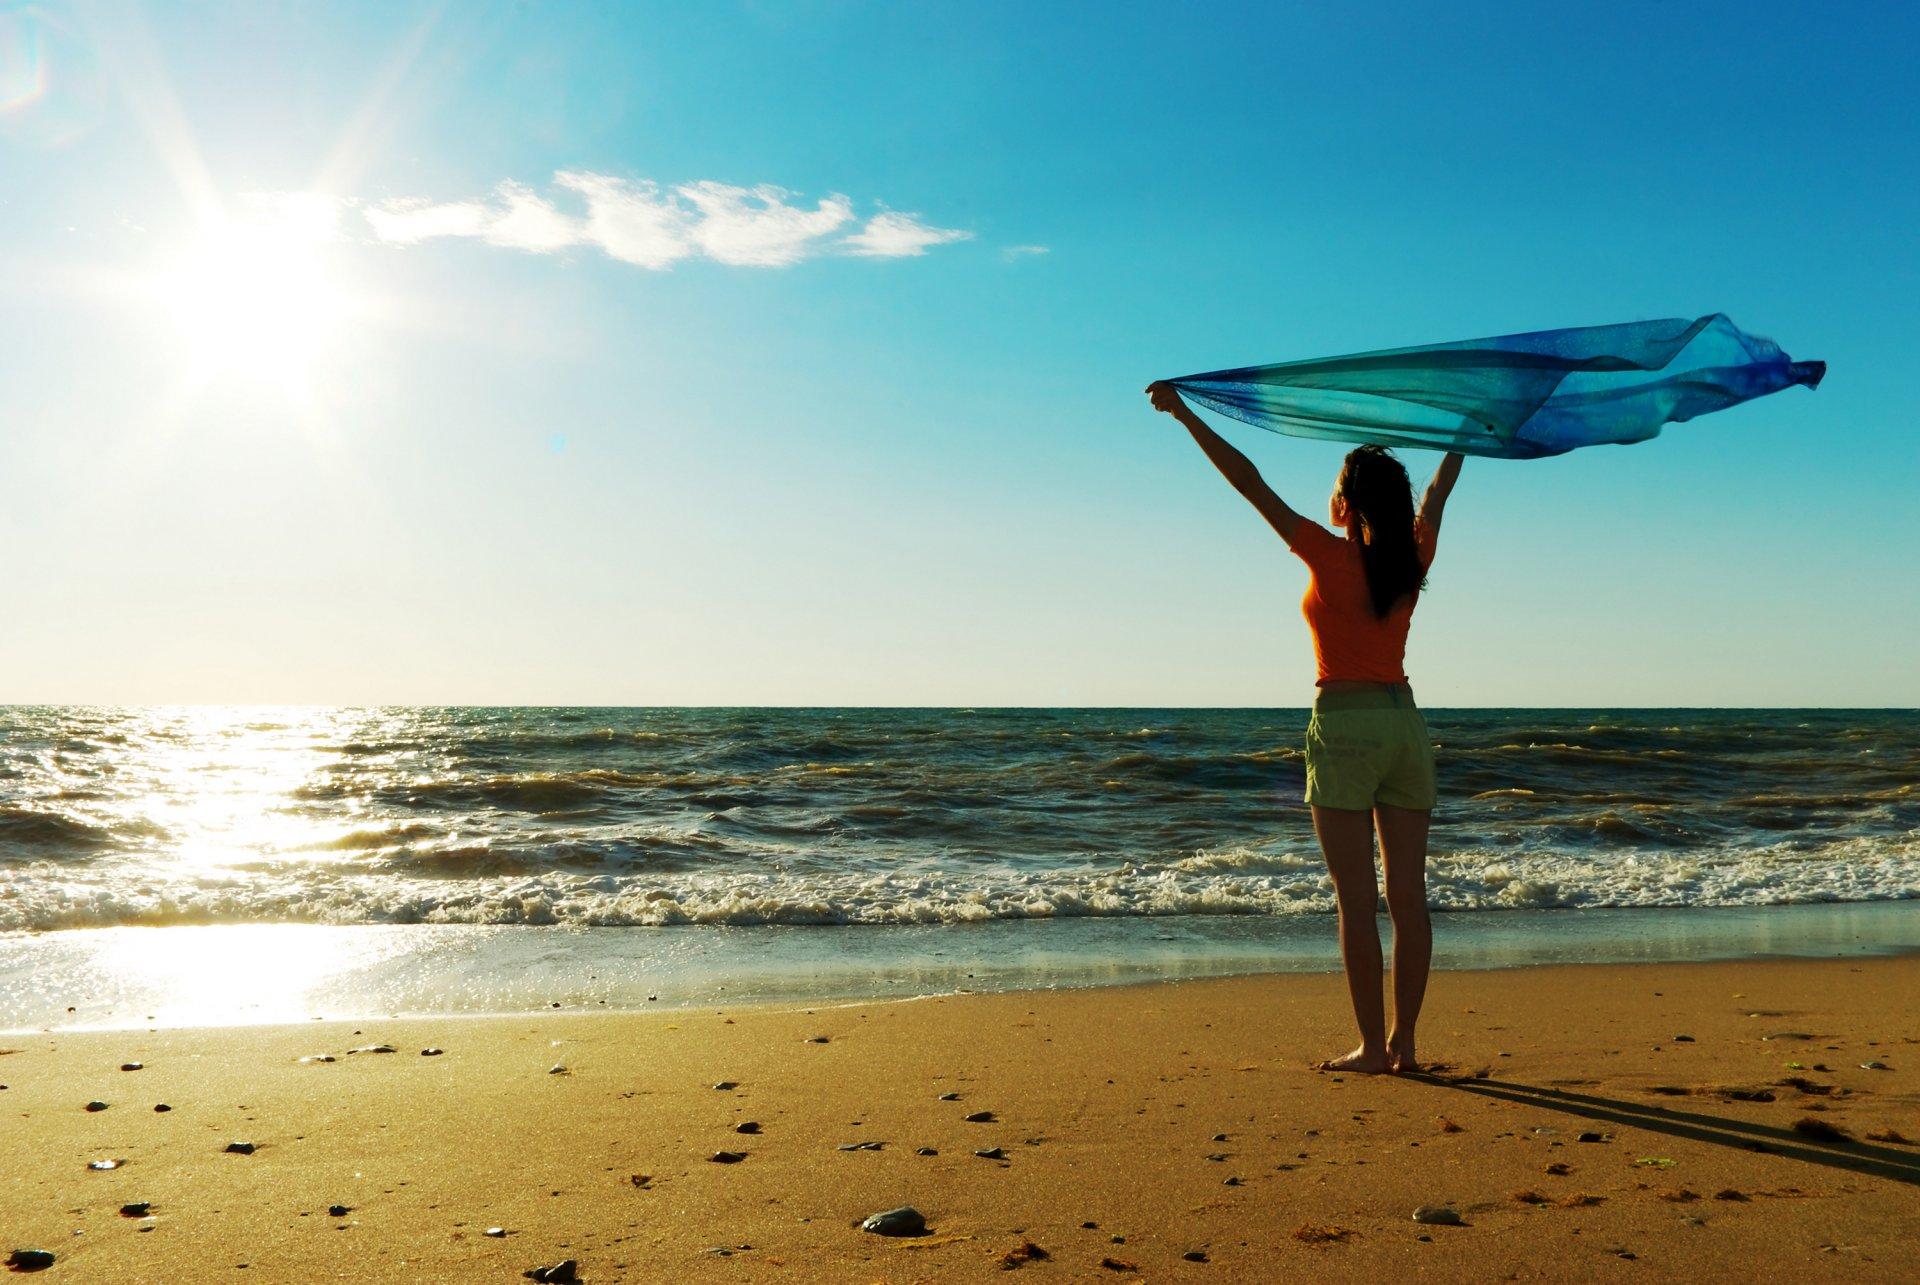 nastroenie-svoboda-radost-devushki-plyazh-pesok-voda-more-solnce-okean